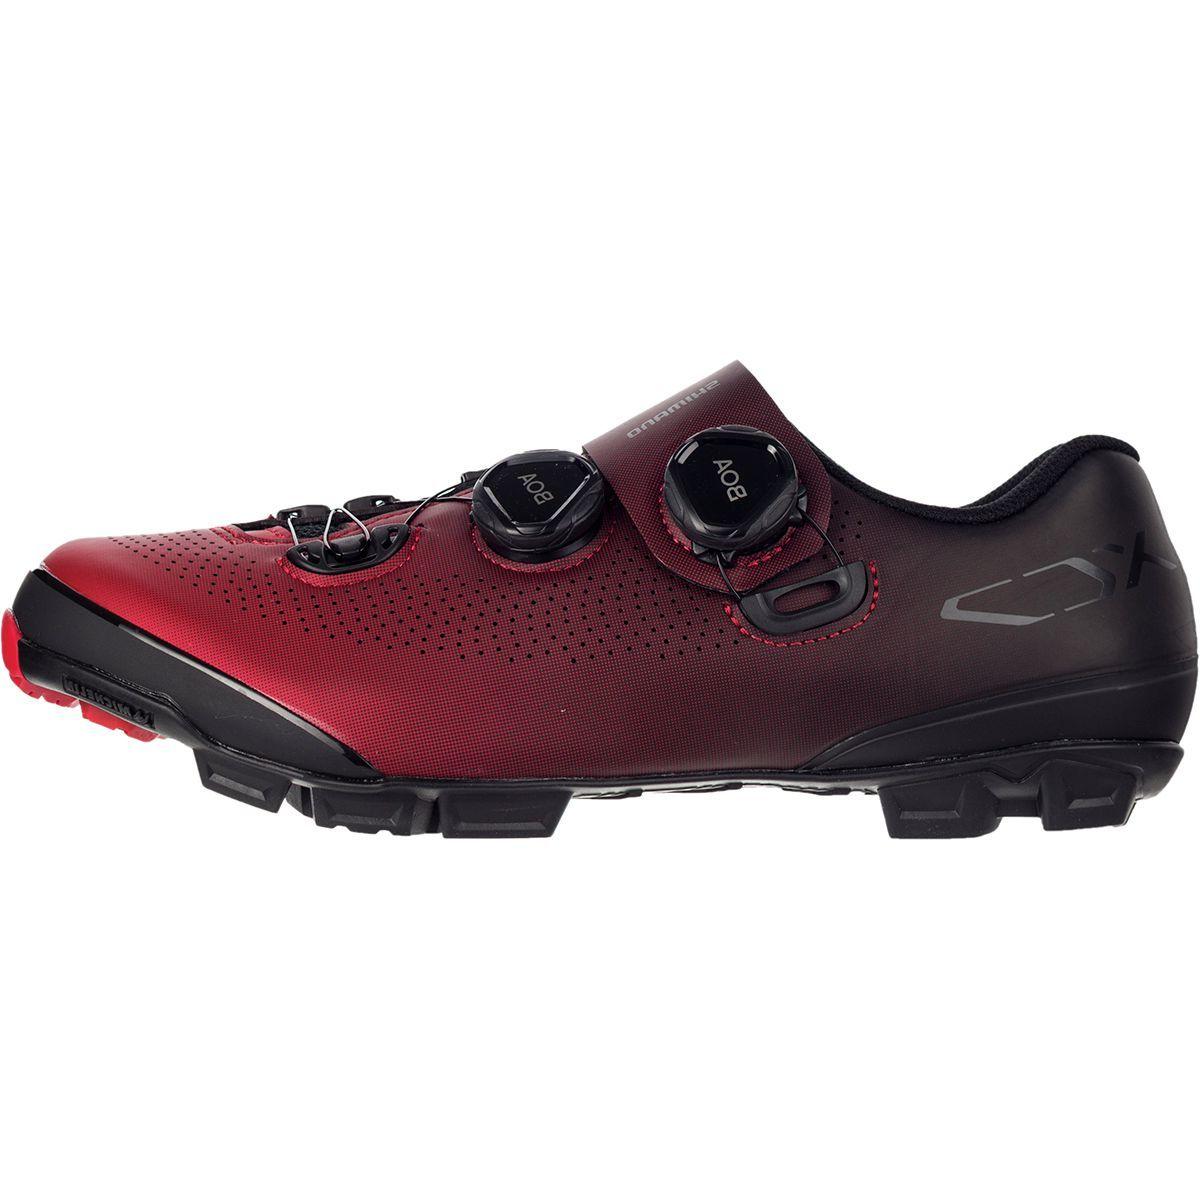 Shimano SH-XC7 Cycling Shoe - Men's